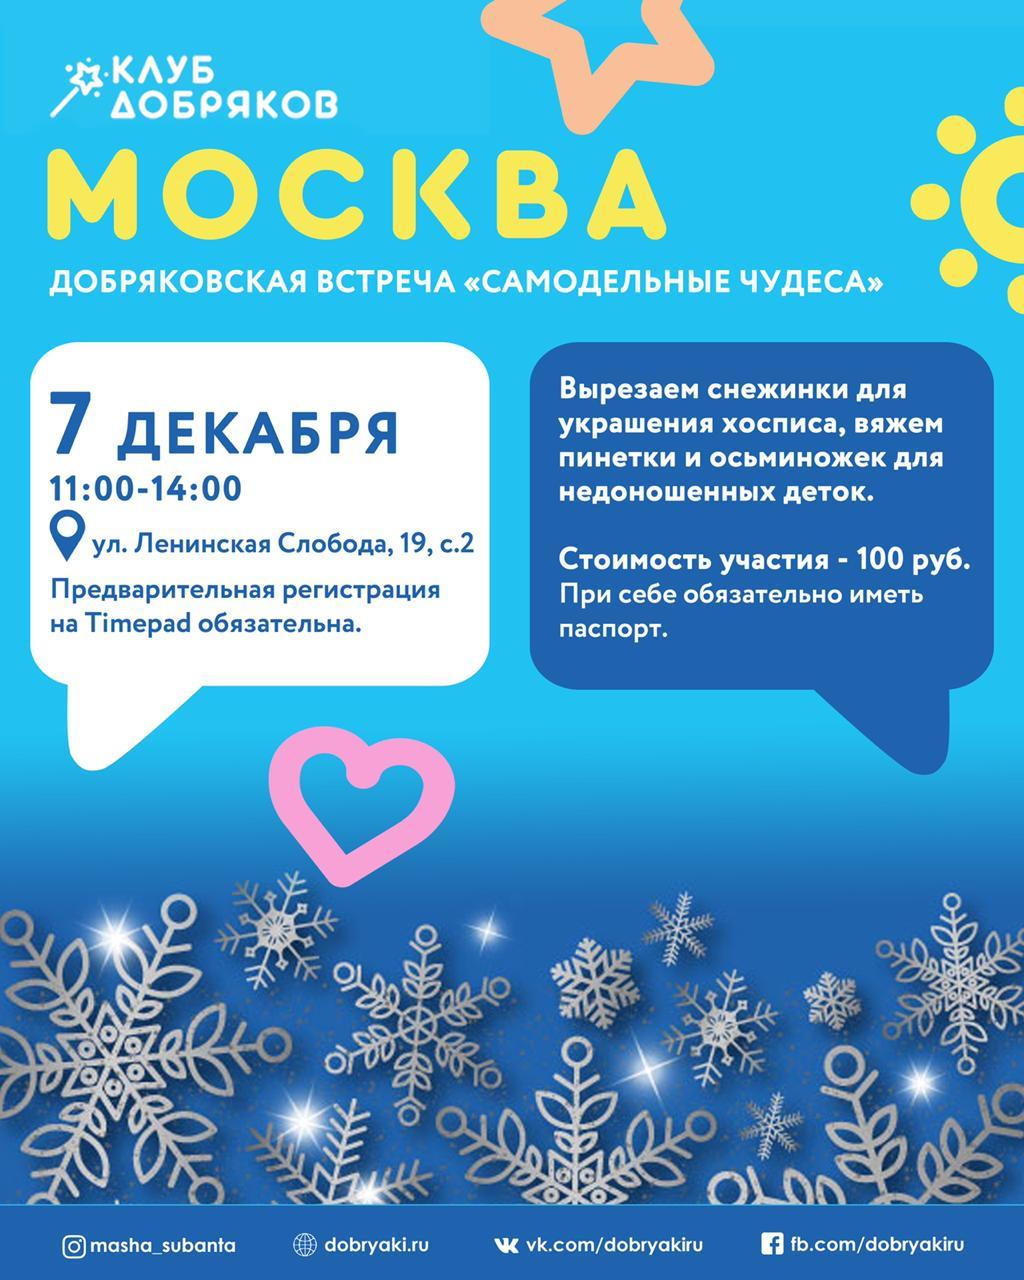 Добряковская встреча в Москве